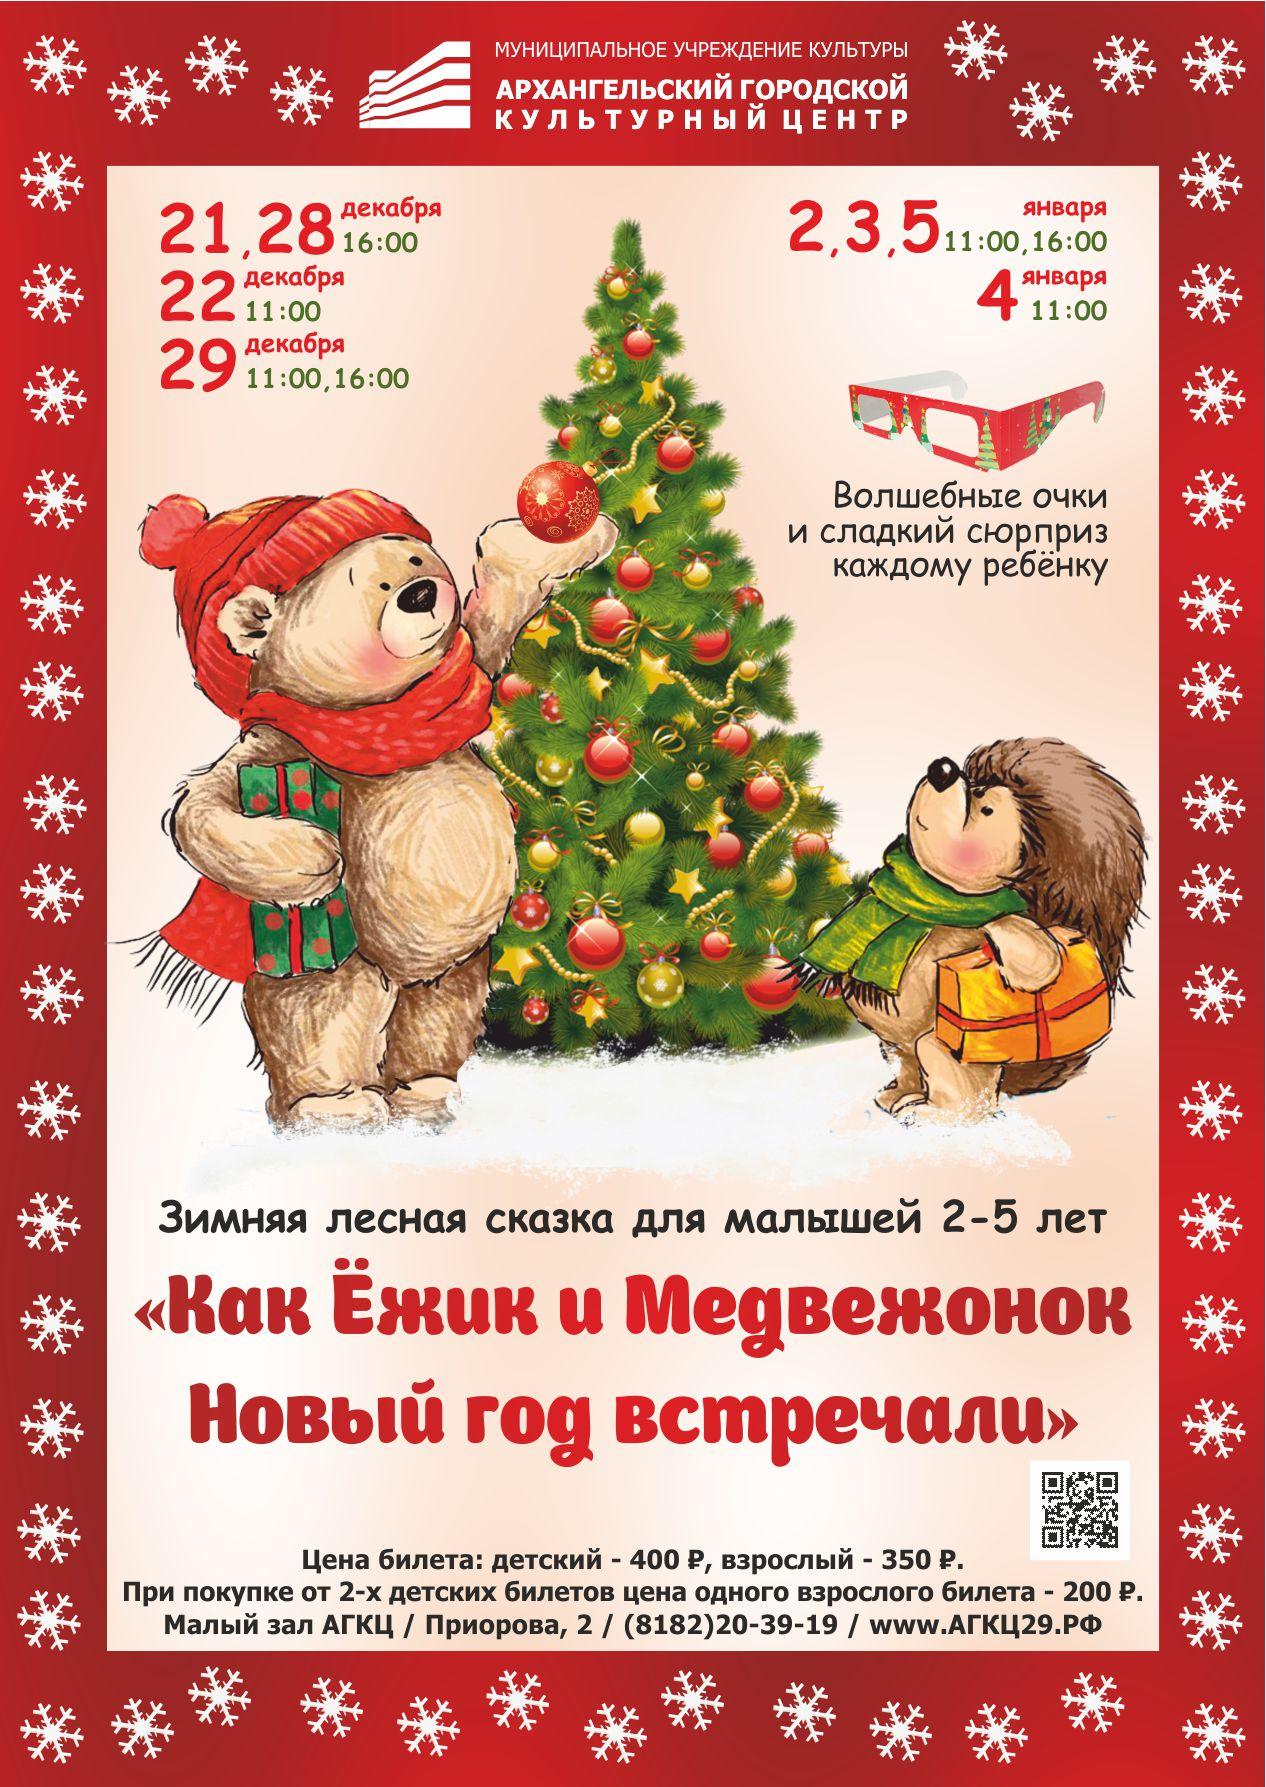 Афиша культурных центров города Архангельска с 26 декабря 2019 года